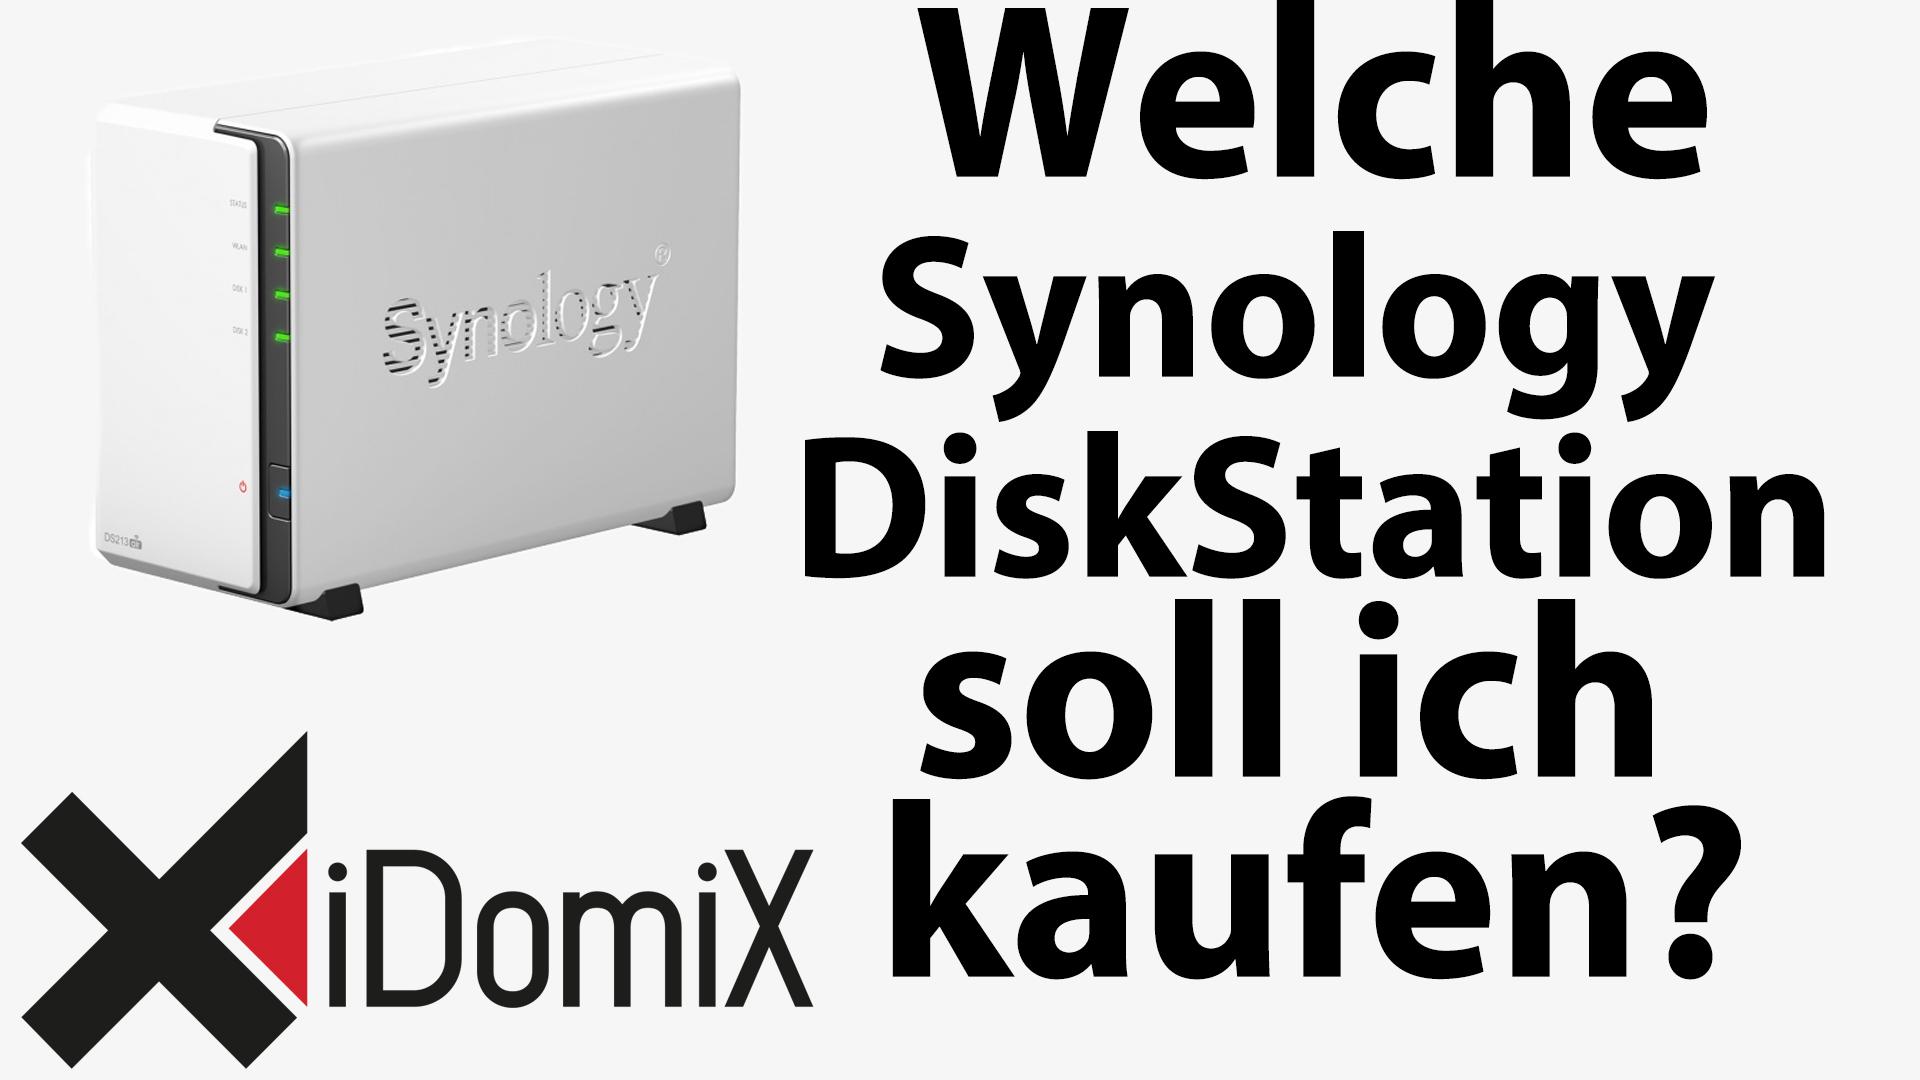 #253 Welche Synology DiskStation soll ich mir kaufen?